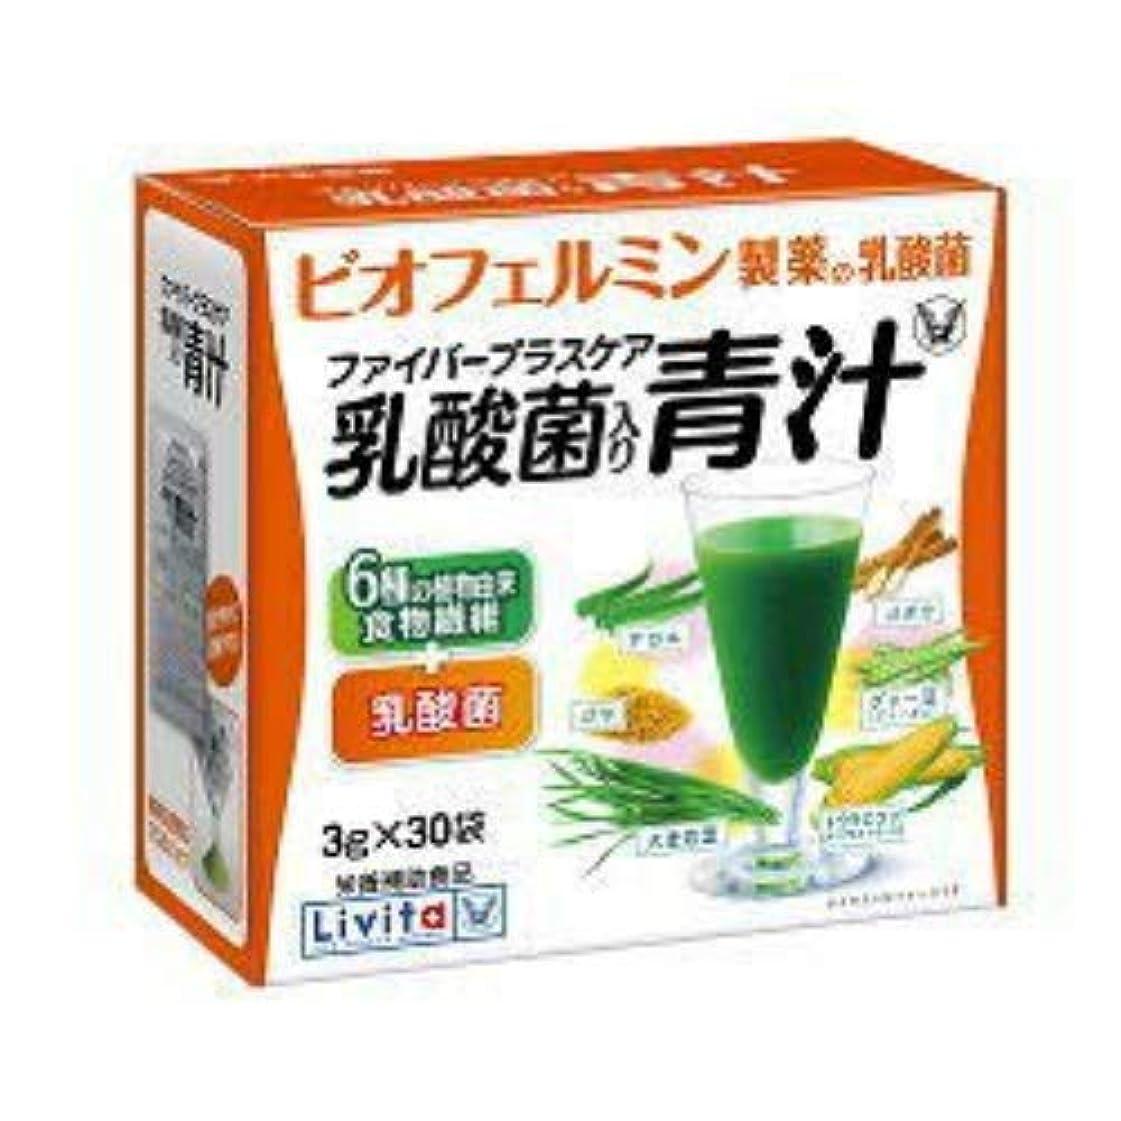 液化する提案歪める大正製薬 リビタ ファイバープラスケア 乳酸菌入り 青汁 3g×30袋入 × 3個セット